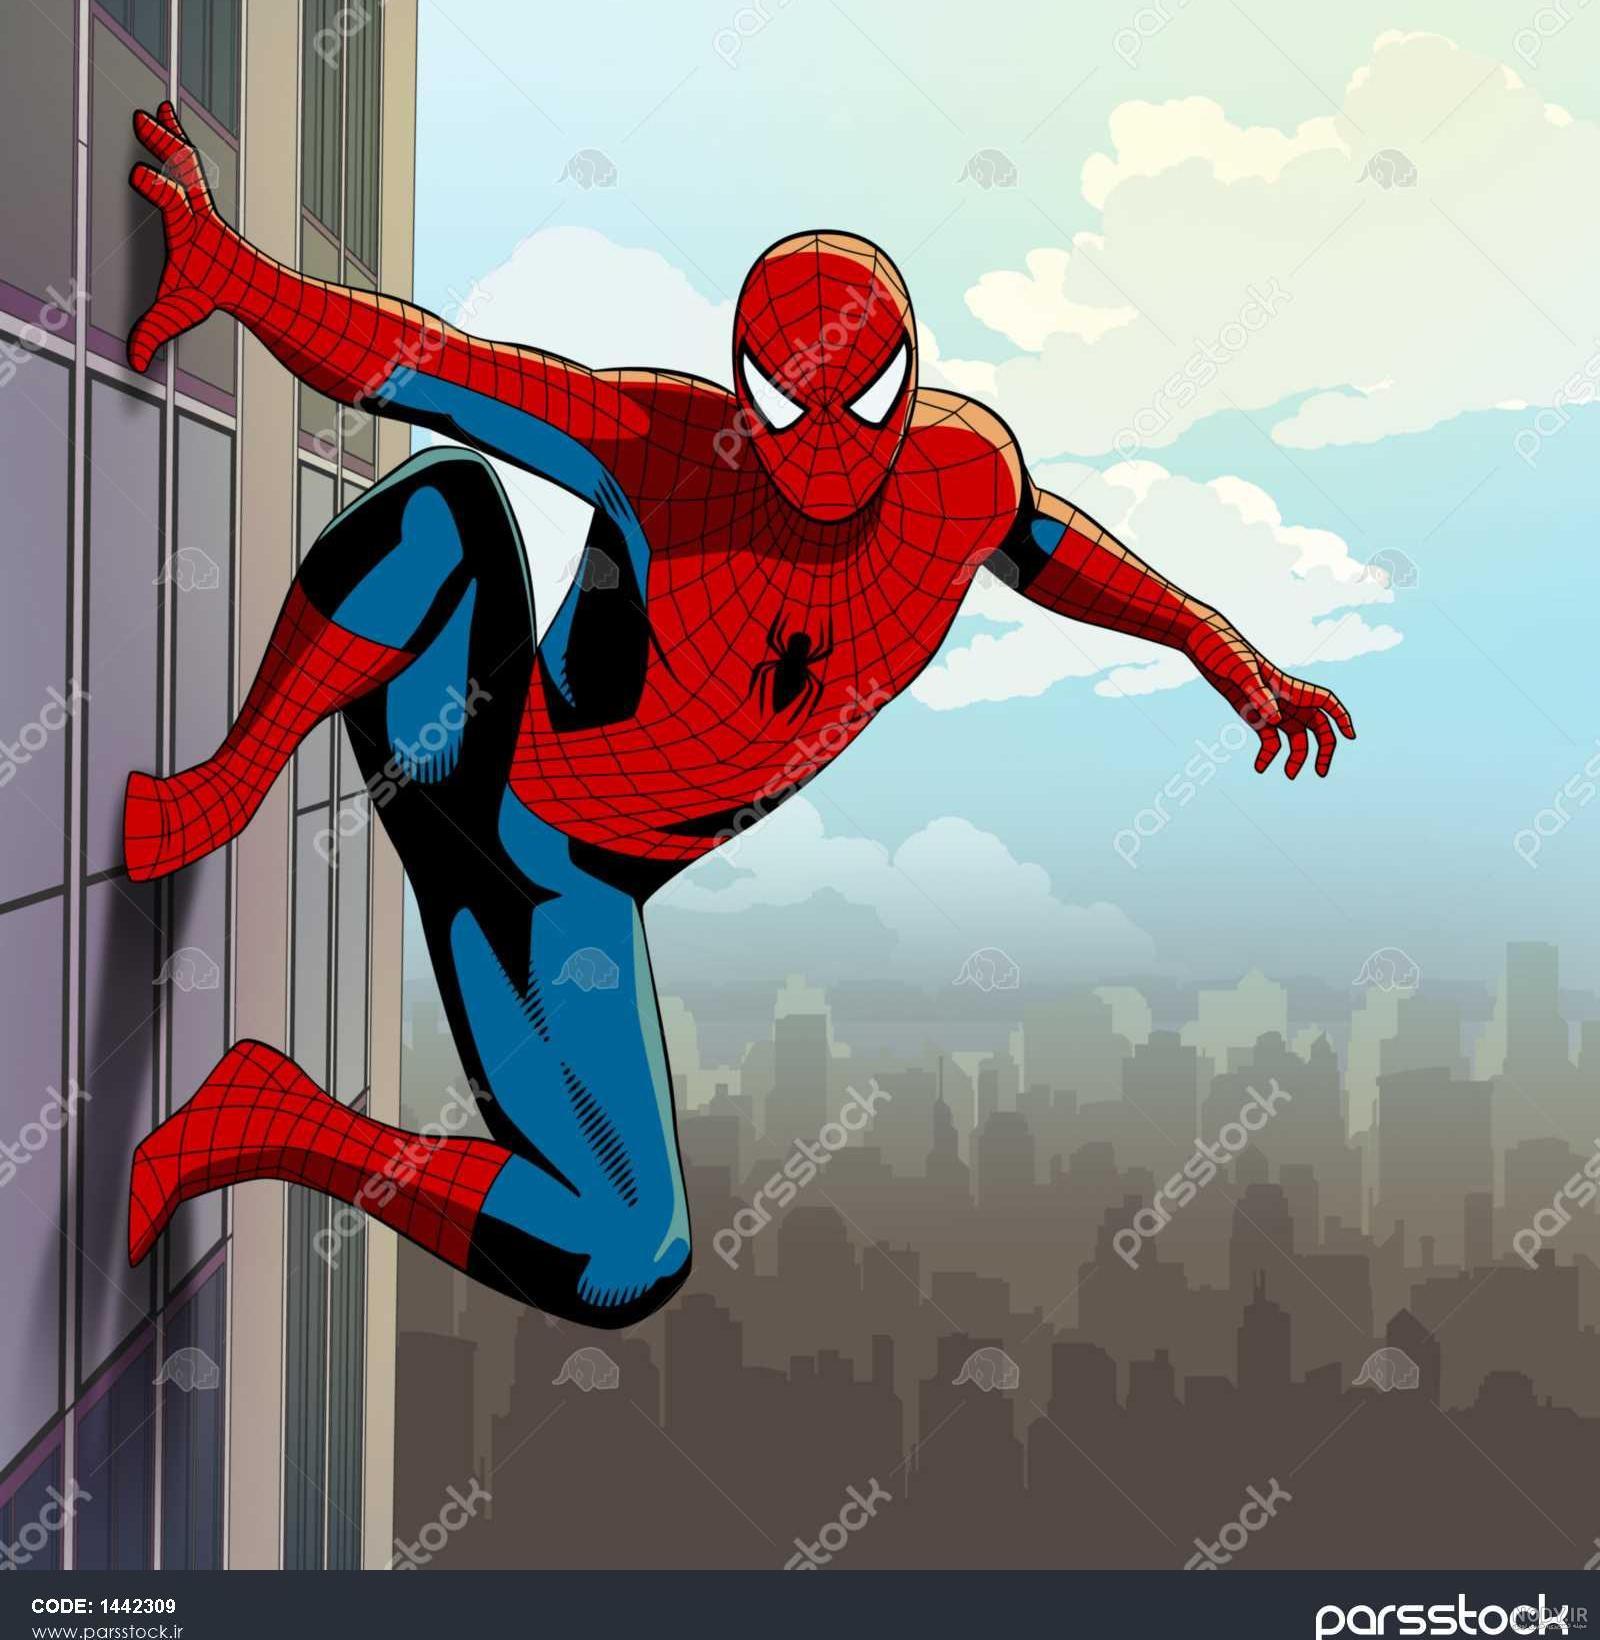 عکس مرد عنکبوتی قرمز